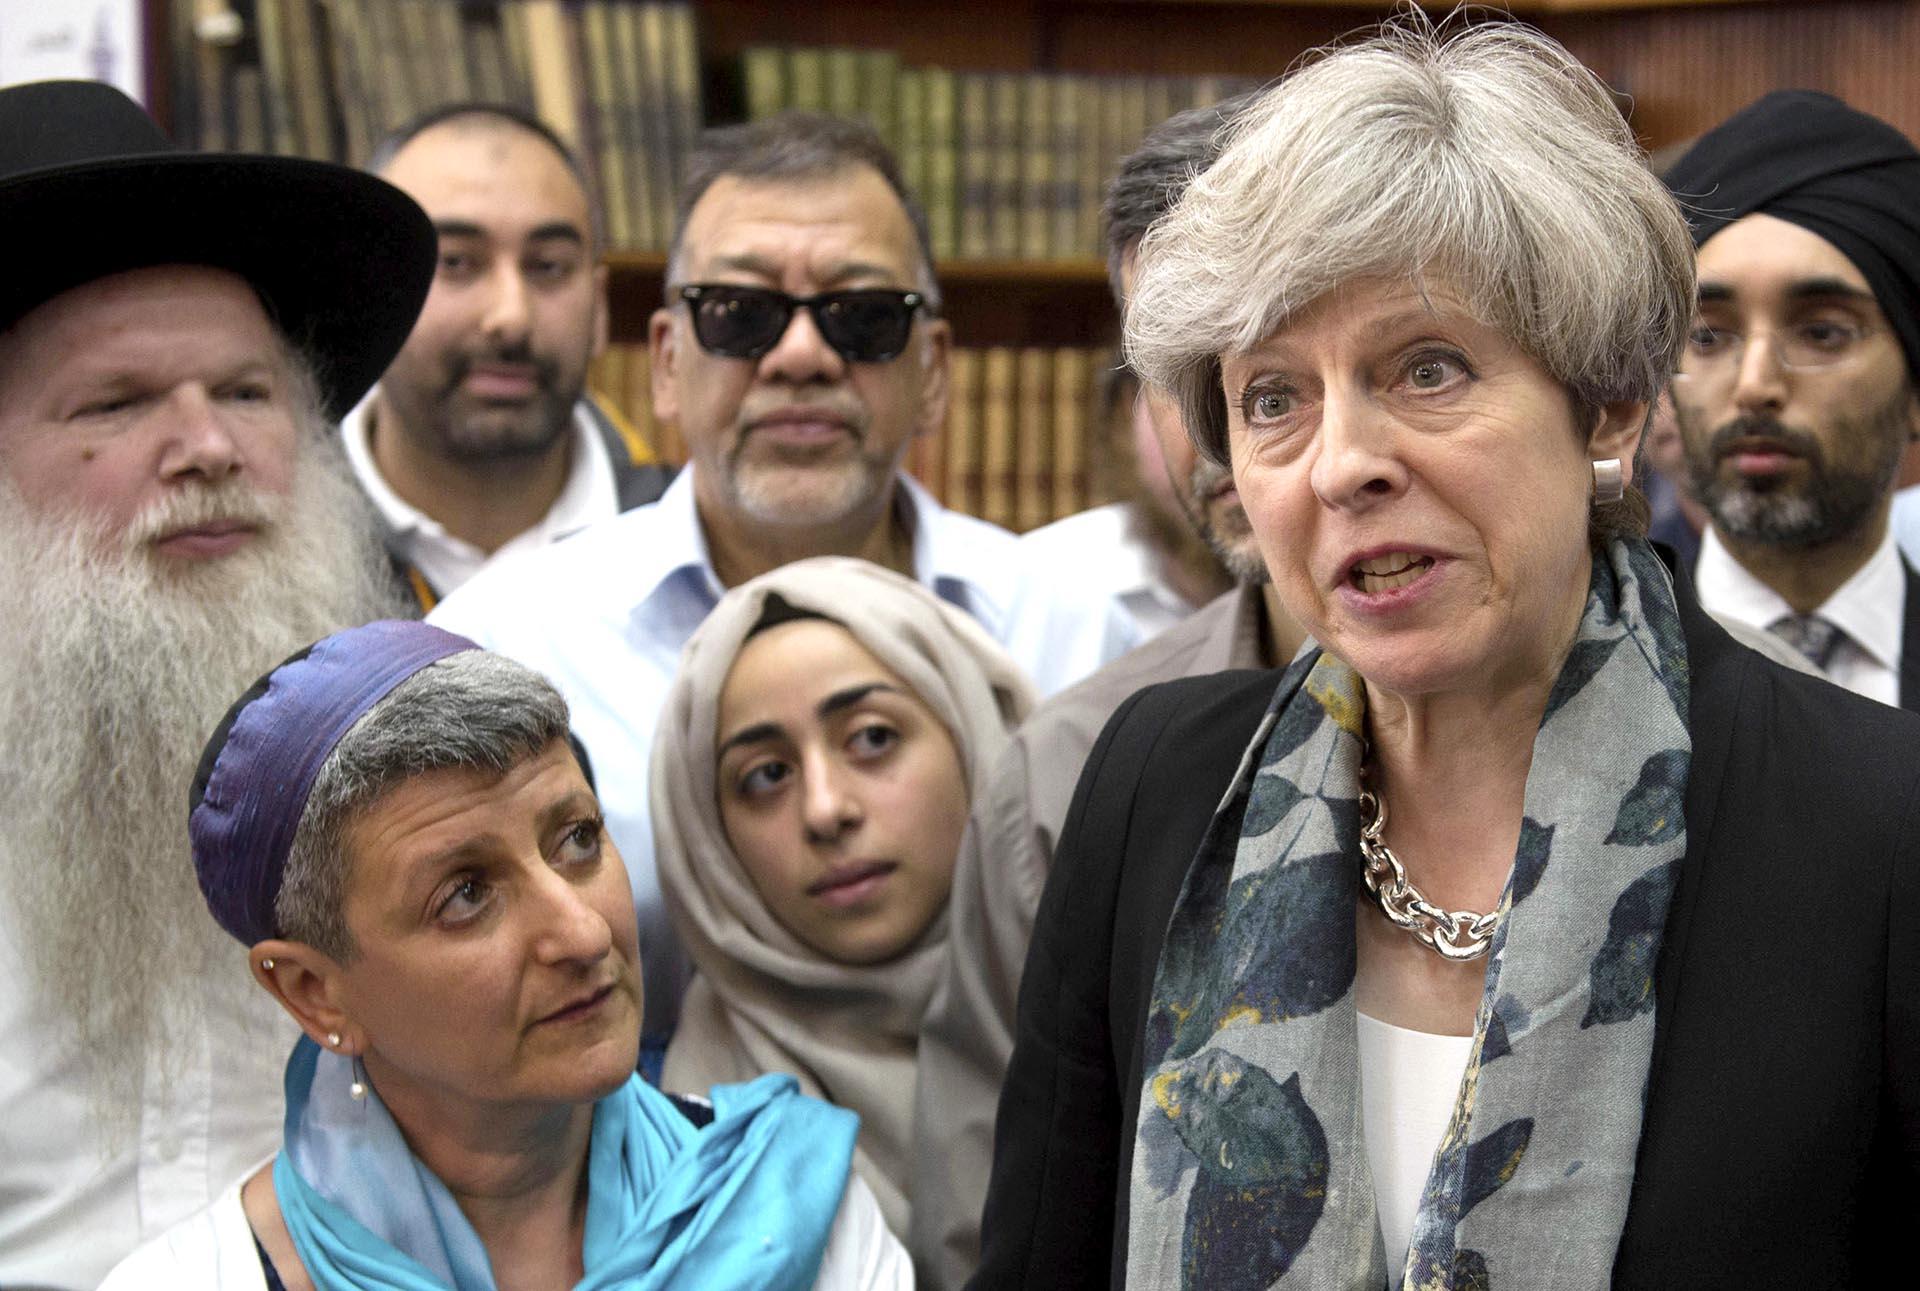 La primer ministro del Reino Unido, Theresa May, en Finsbury Park, luego del ataque a un grupo de fieles frente a una mezquita en Londres